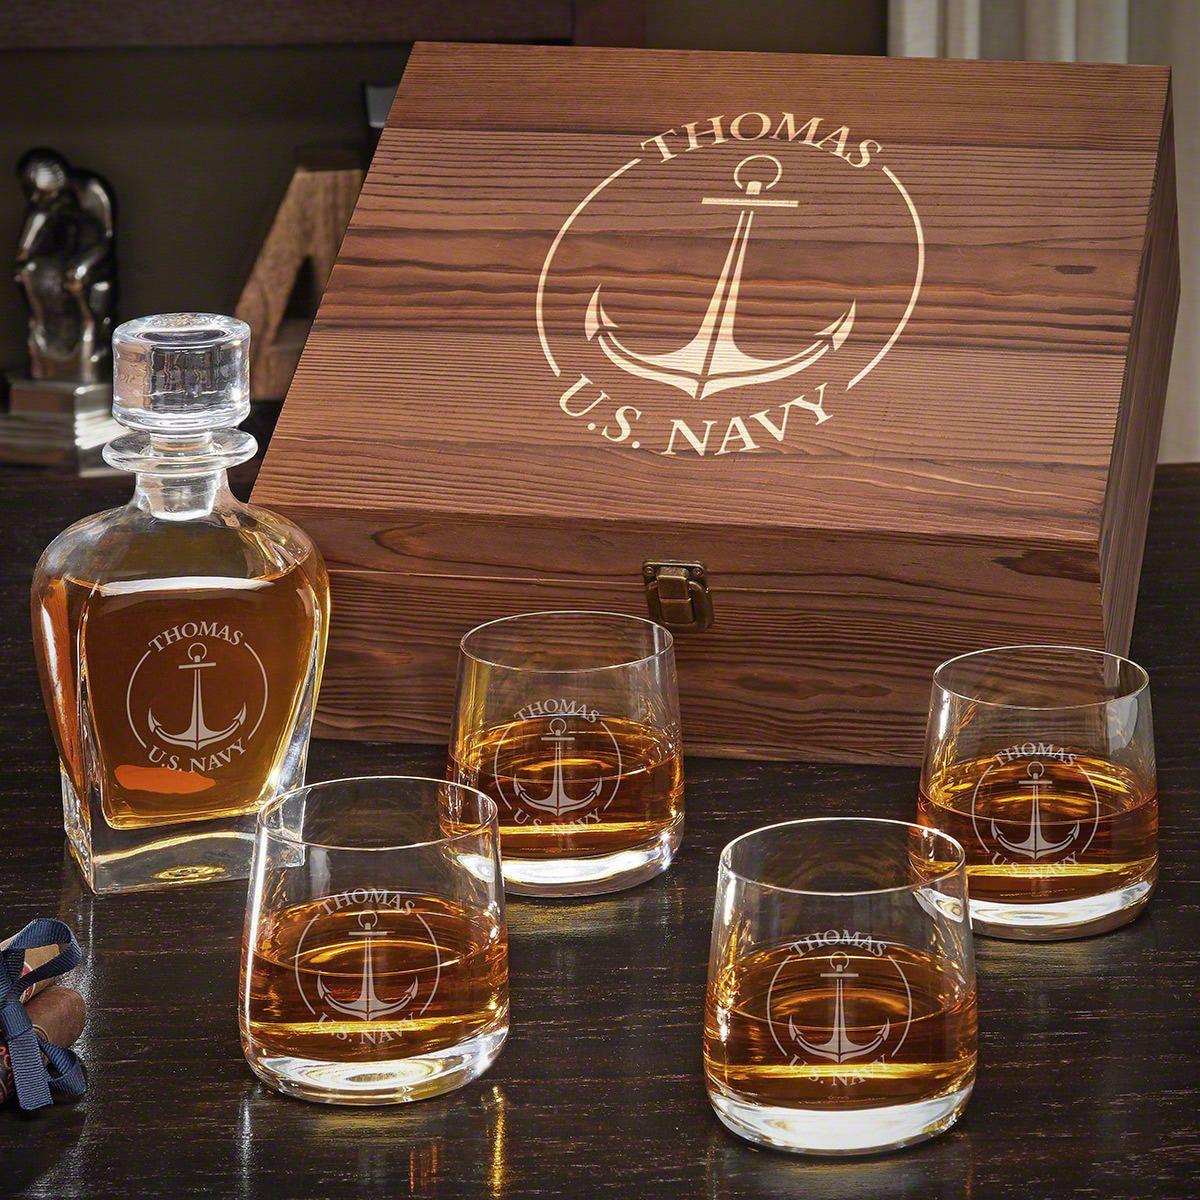 Naval Anchor Draper Decanter Custom Whiskey Set with Benson Glasses - Gift for Navy